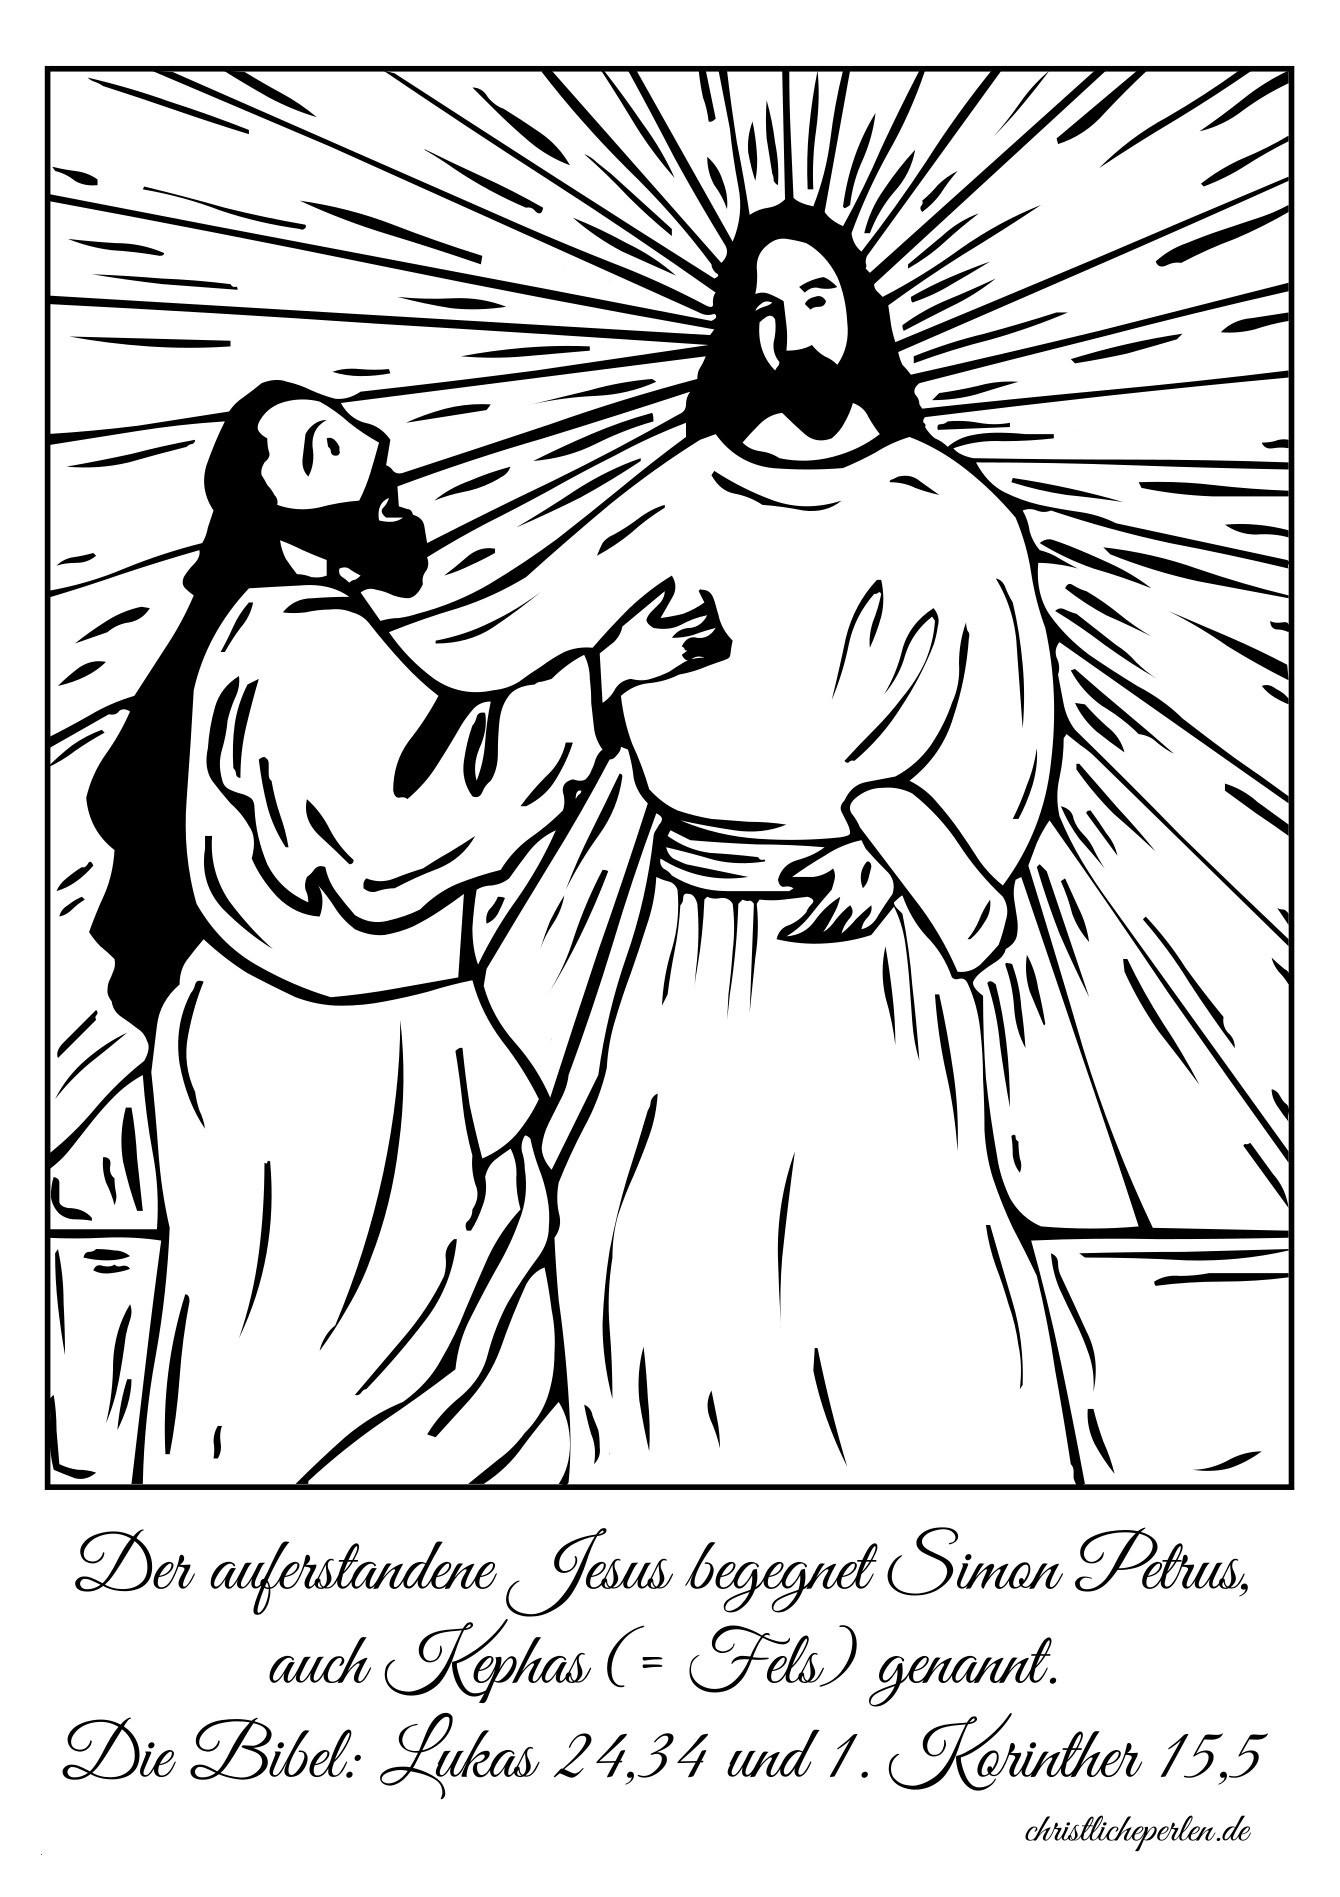 Jakob Und Esau Ausmalbilder Inspirierend Ausmalbilder Zu Ostern Neu Jakob Und Esau Ausmalbilder Frisch Papa Bilder